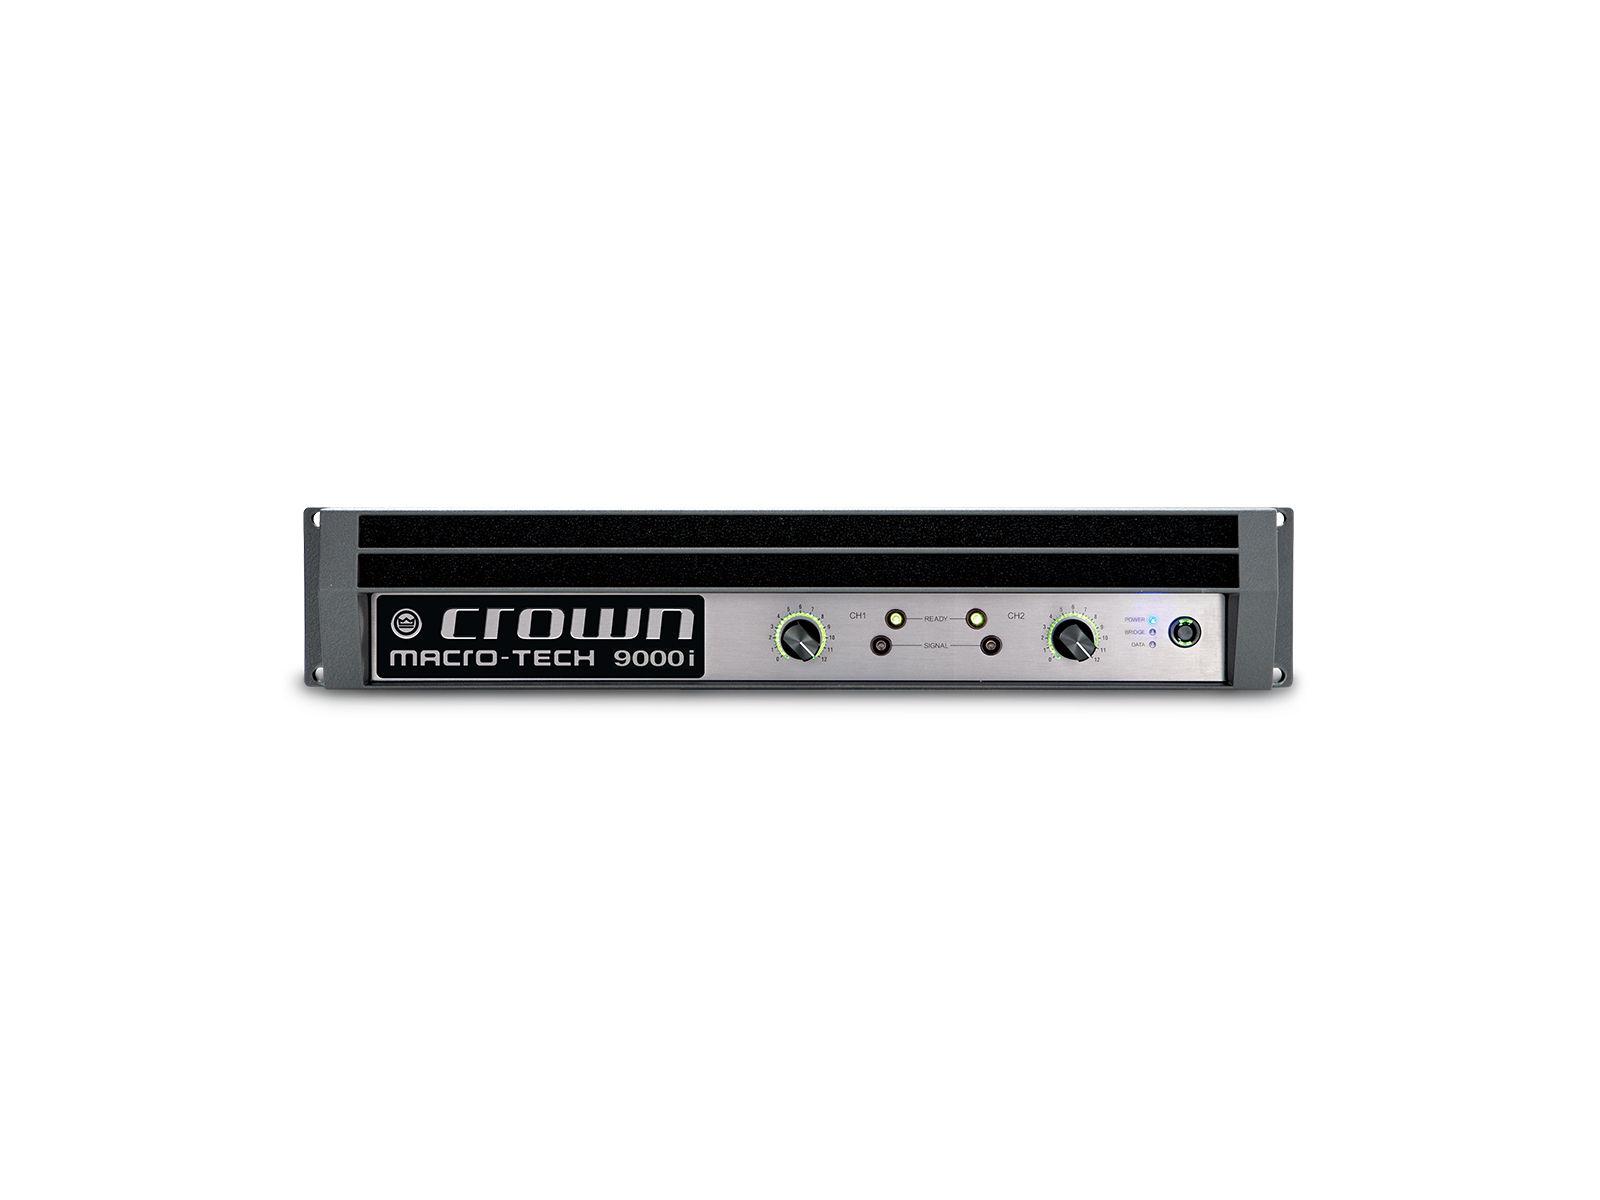 Crown MacroTech 9000i | Endstufe, 2x 3500W/4Ω, DSP, HiQnet, XLR, Speakon, BindingPost, LAN, Tour Sound